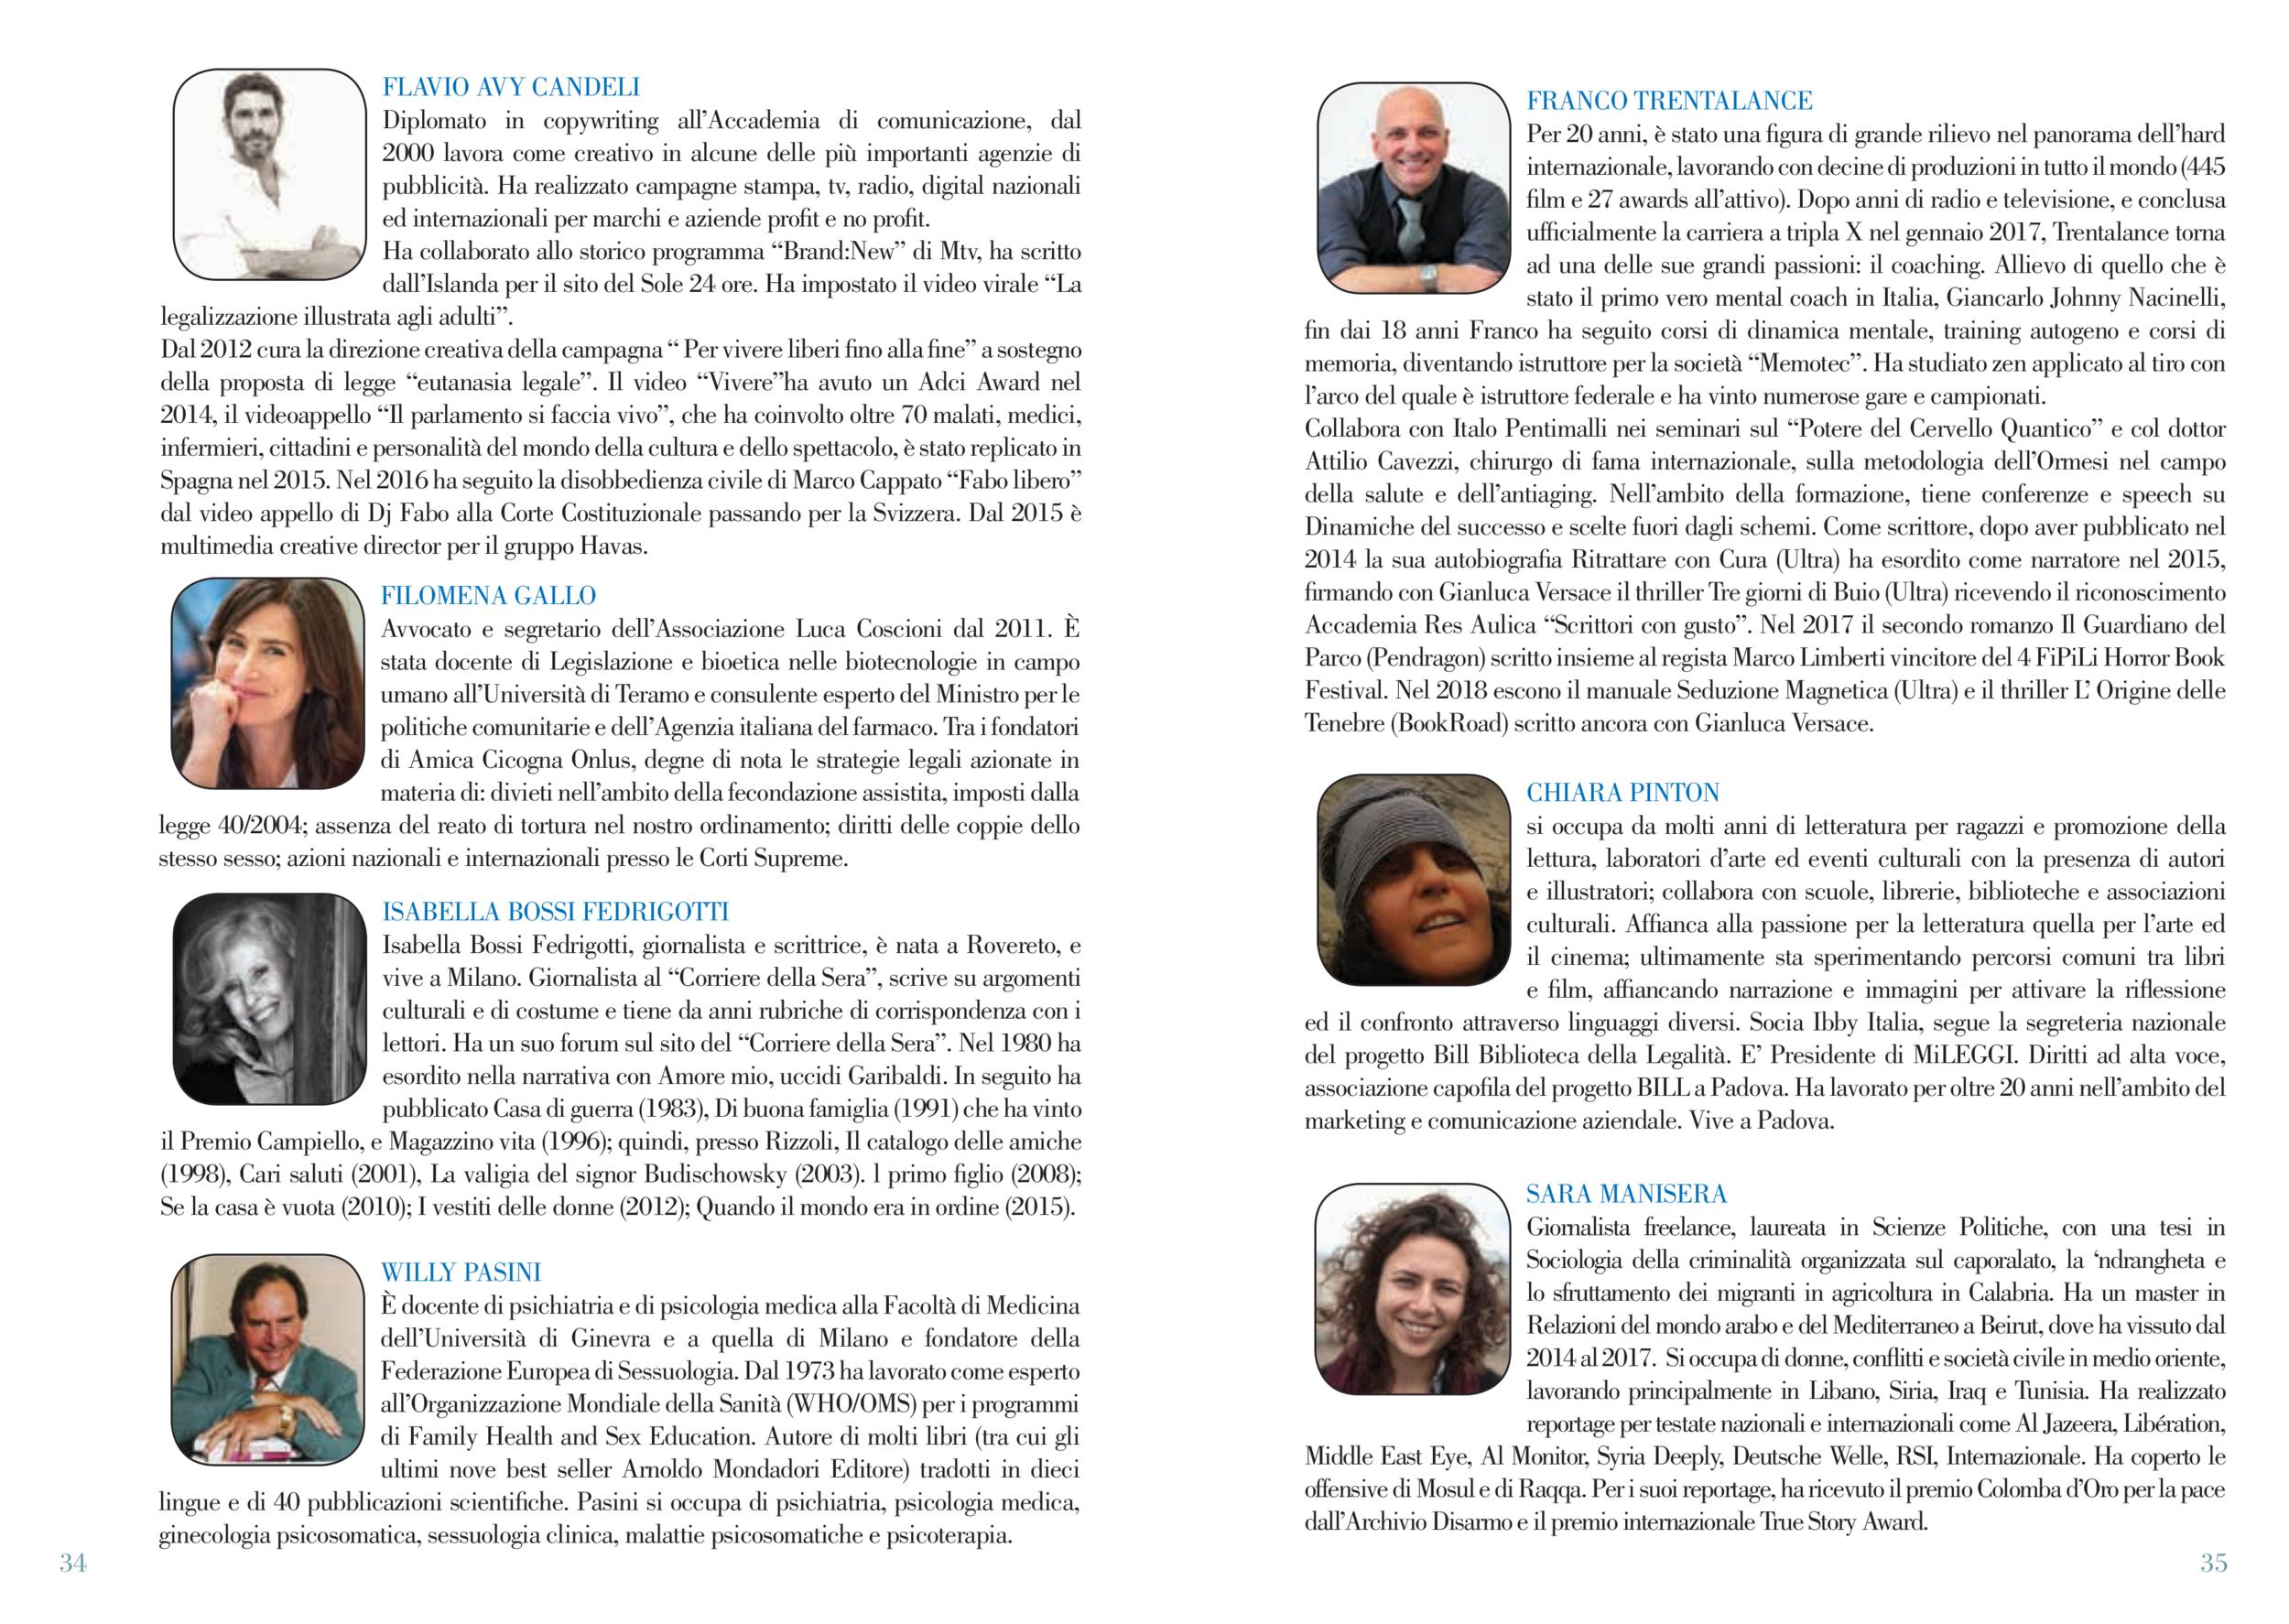 programma-festival-del-giornalismo-2019-18-2.PNG